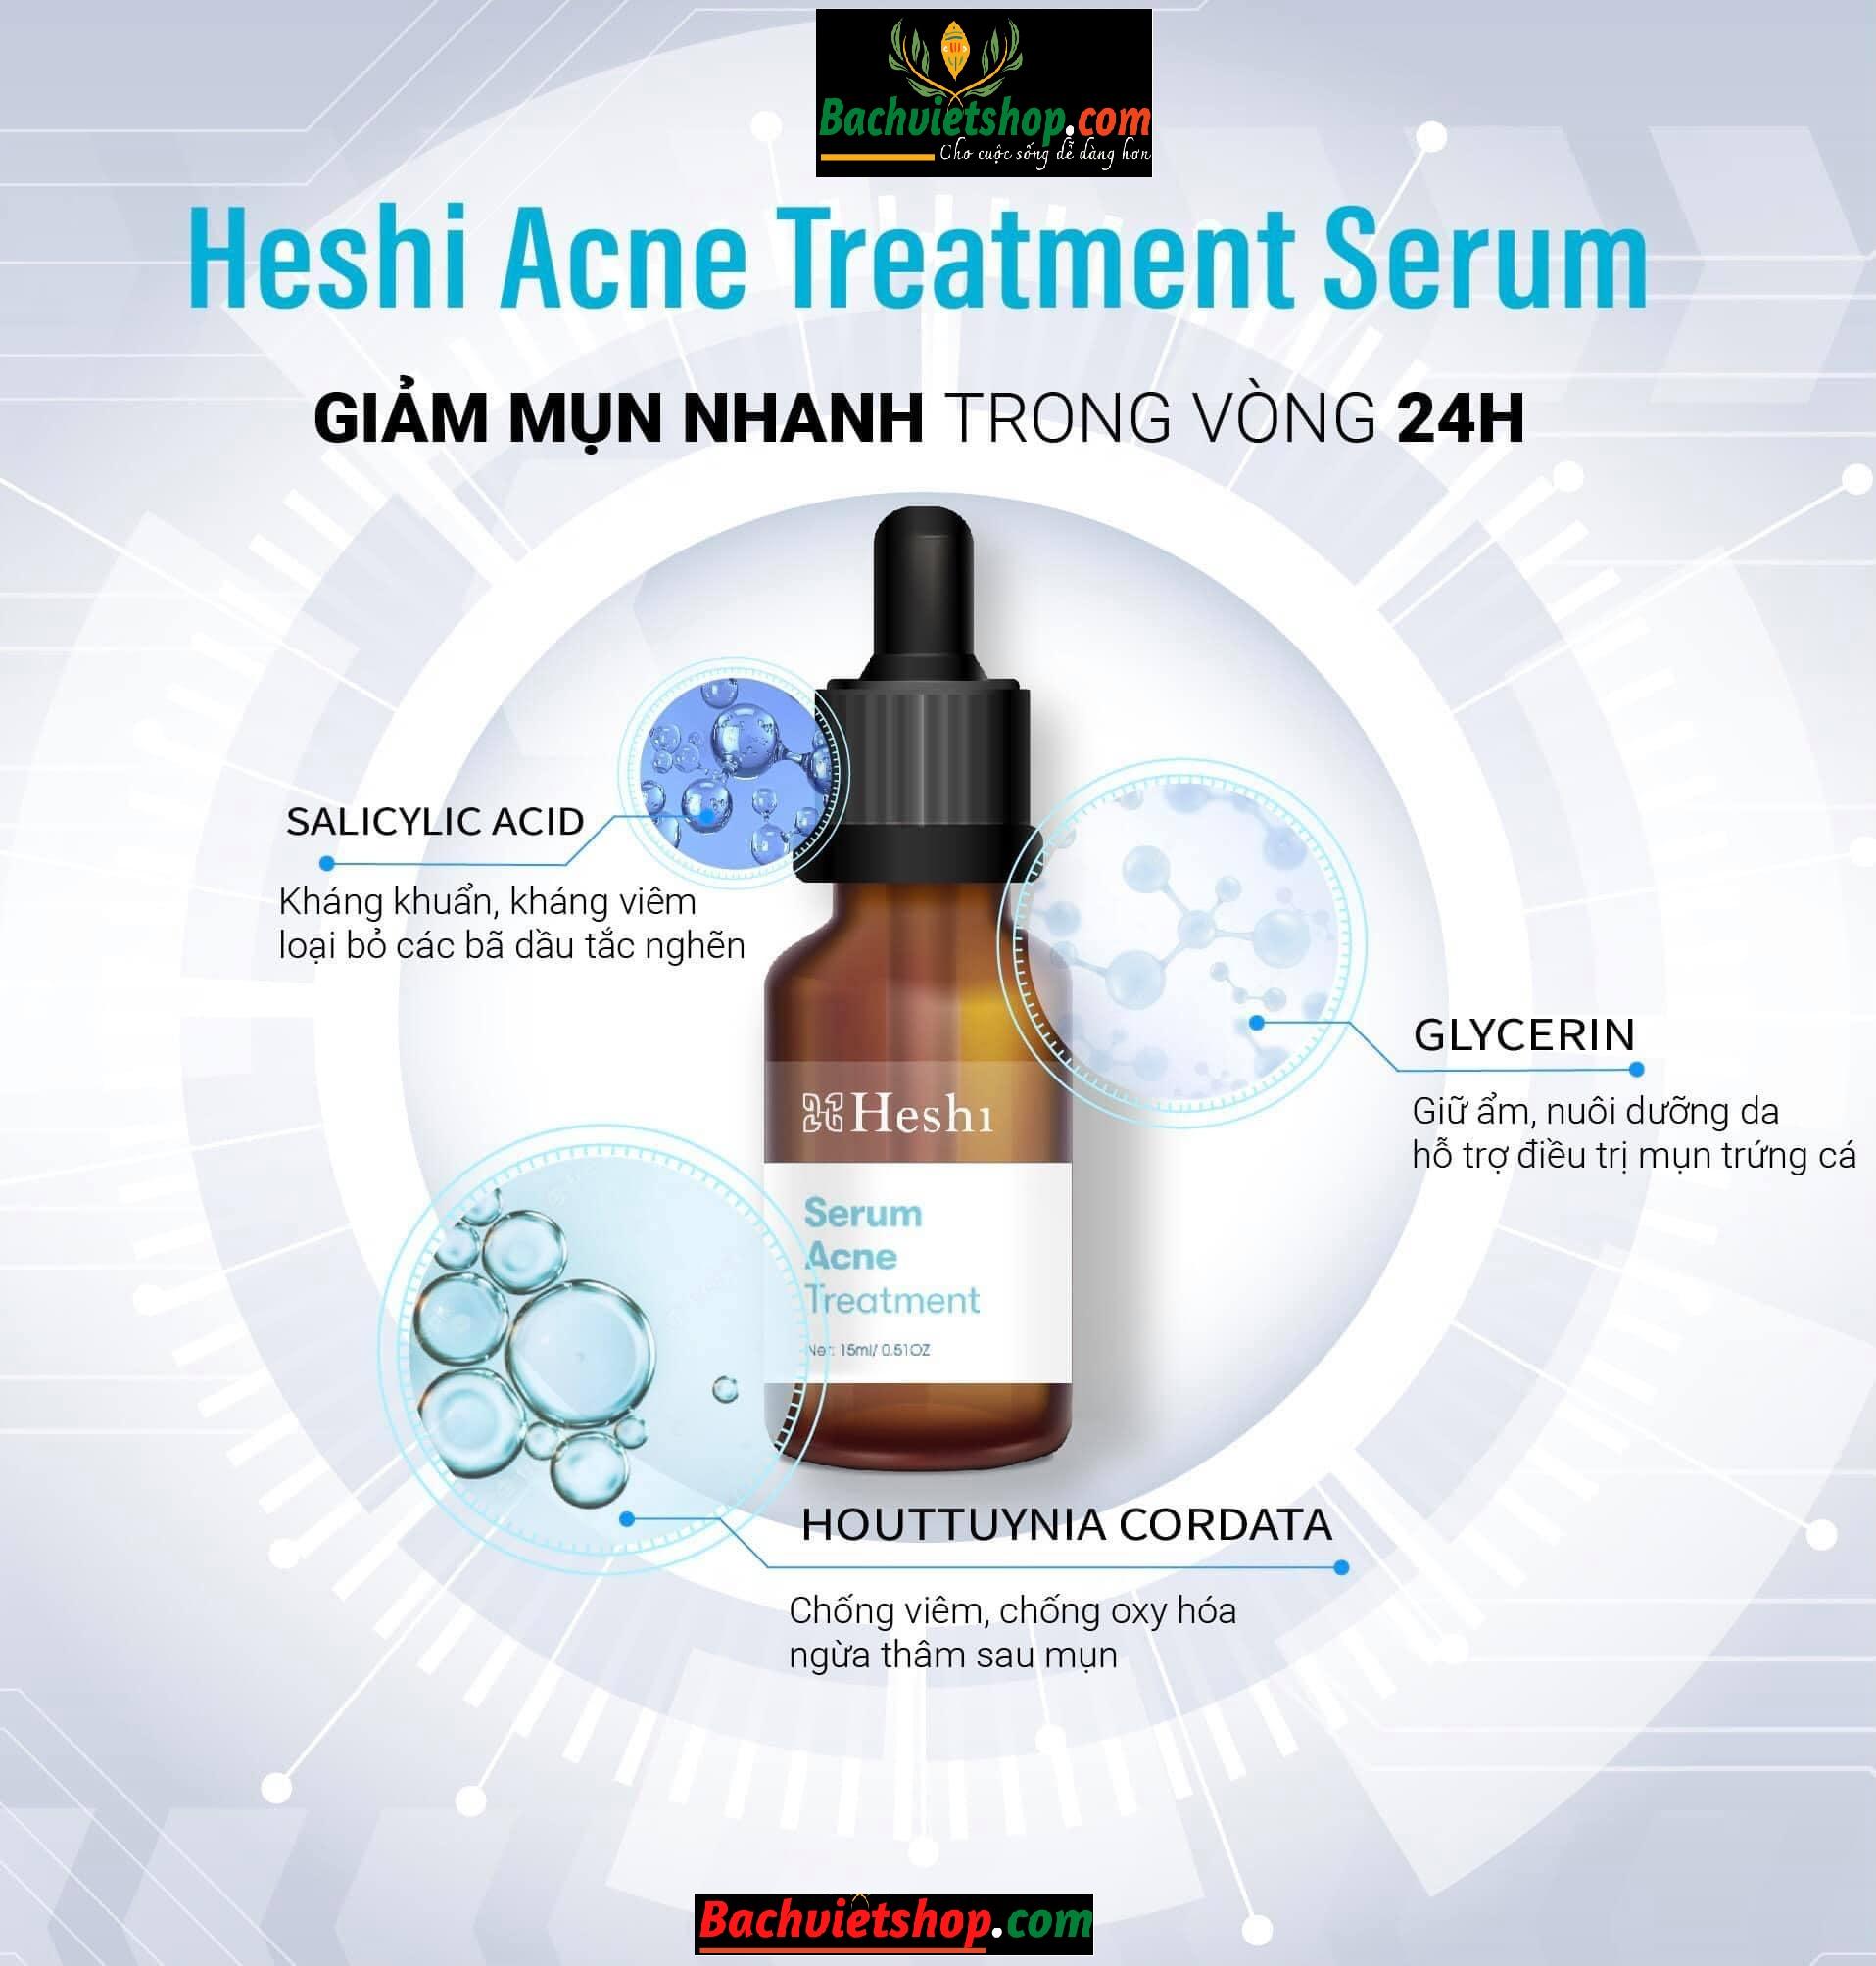 Serum đặc trị mụn Heshi giảm mụn nhanh trong 24h